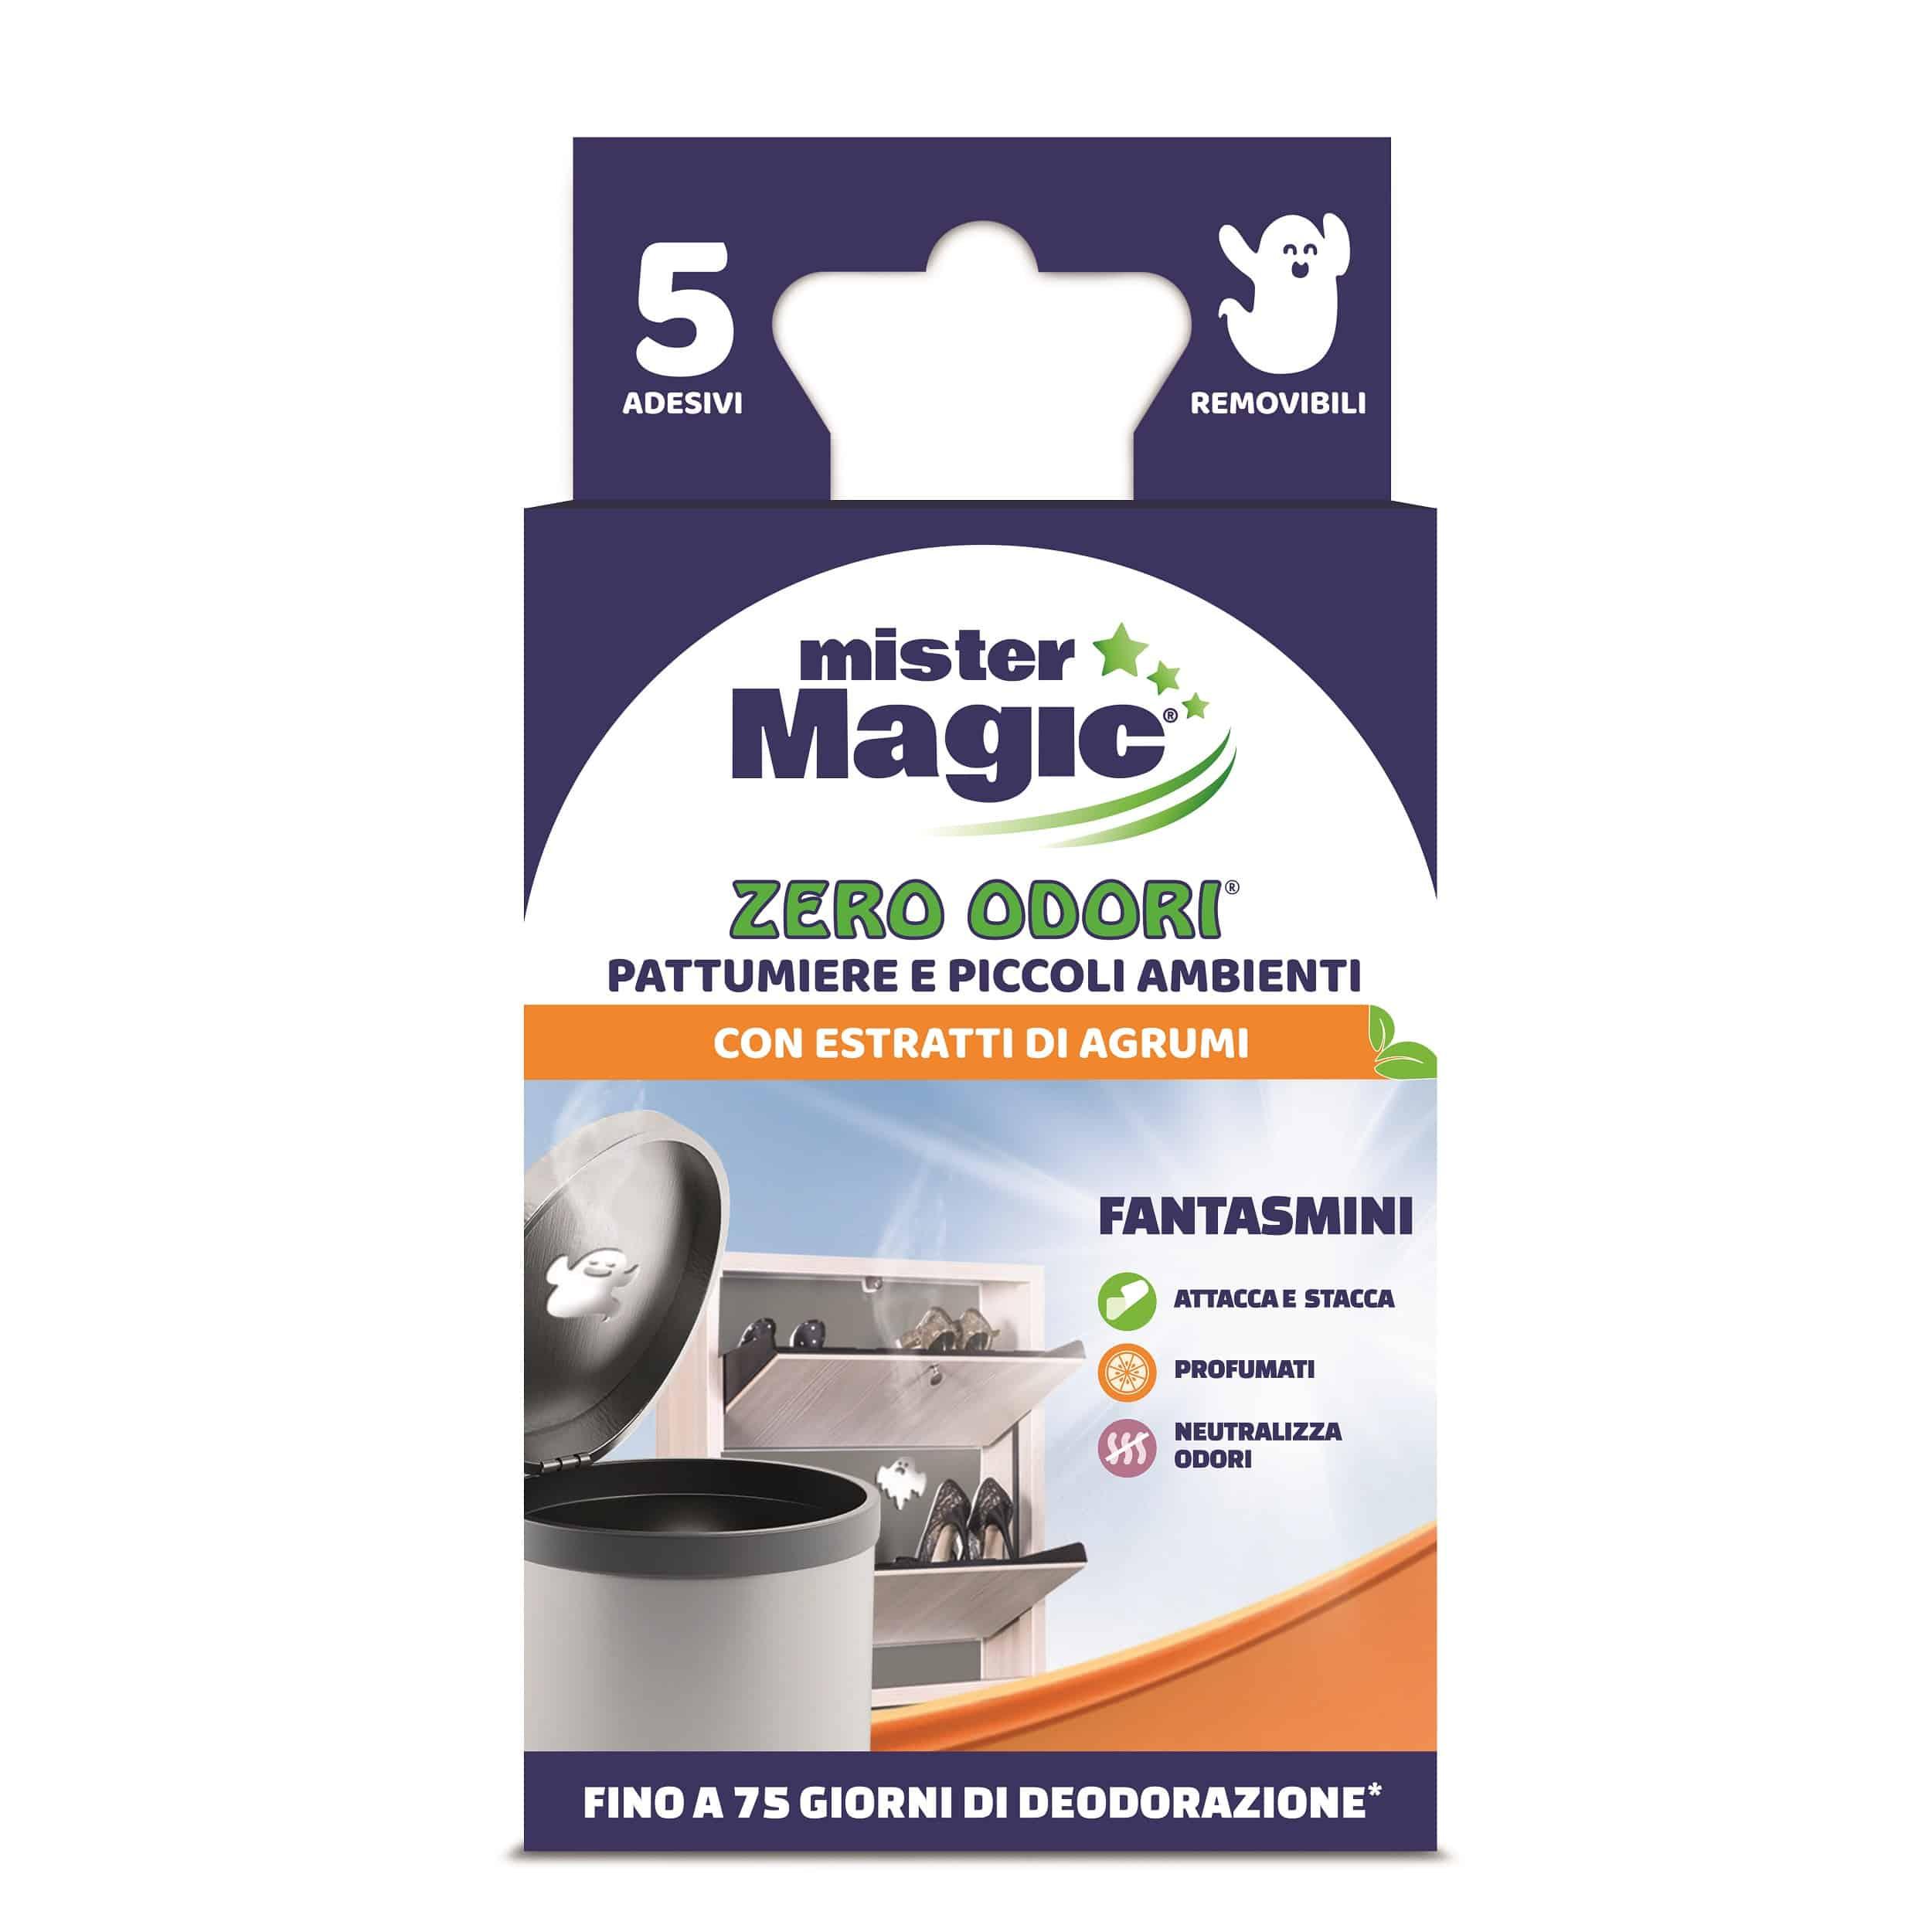 Linea Zero Odori di Mister Magic: il nuovo fantasmino neutralizza i cattivi odori nei piccoli ambienti